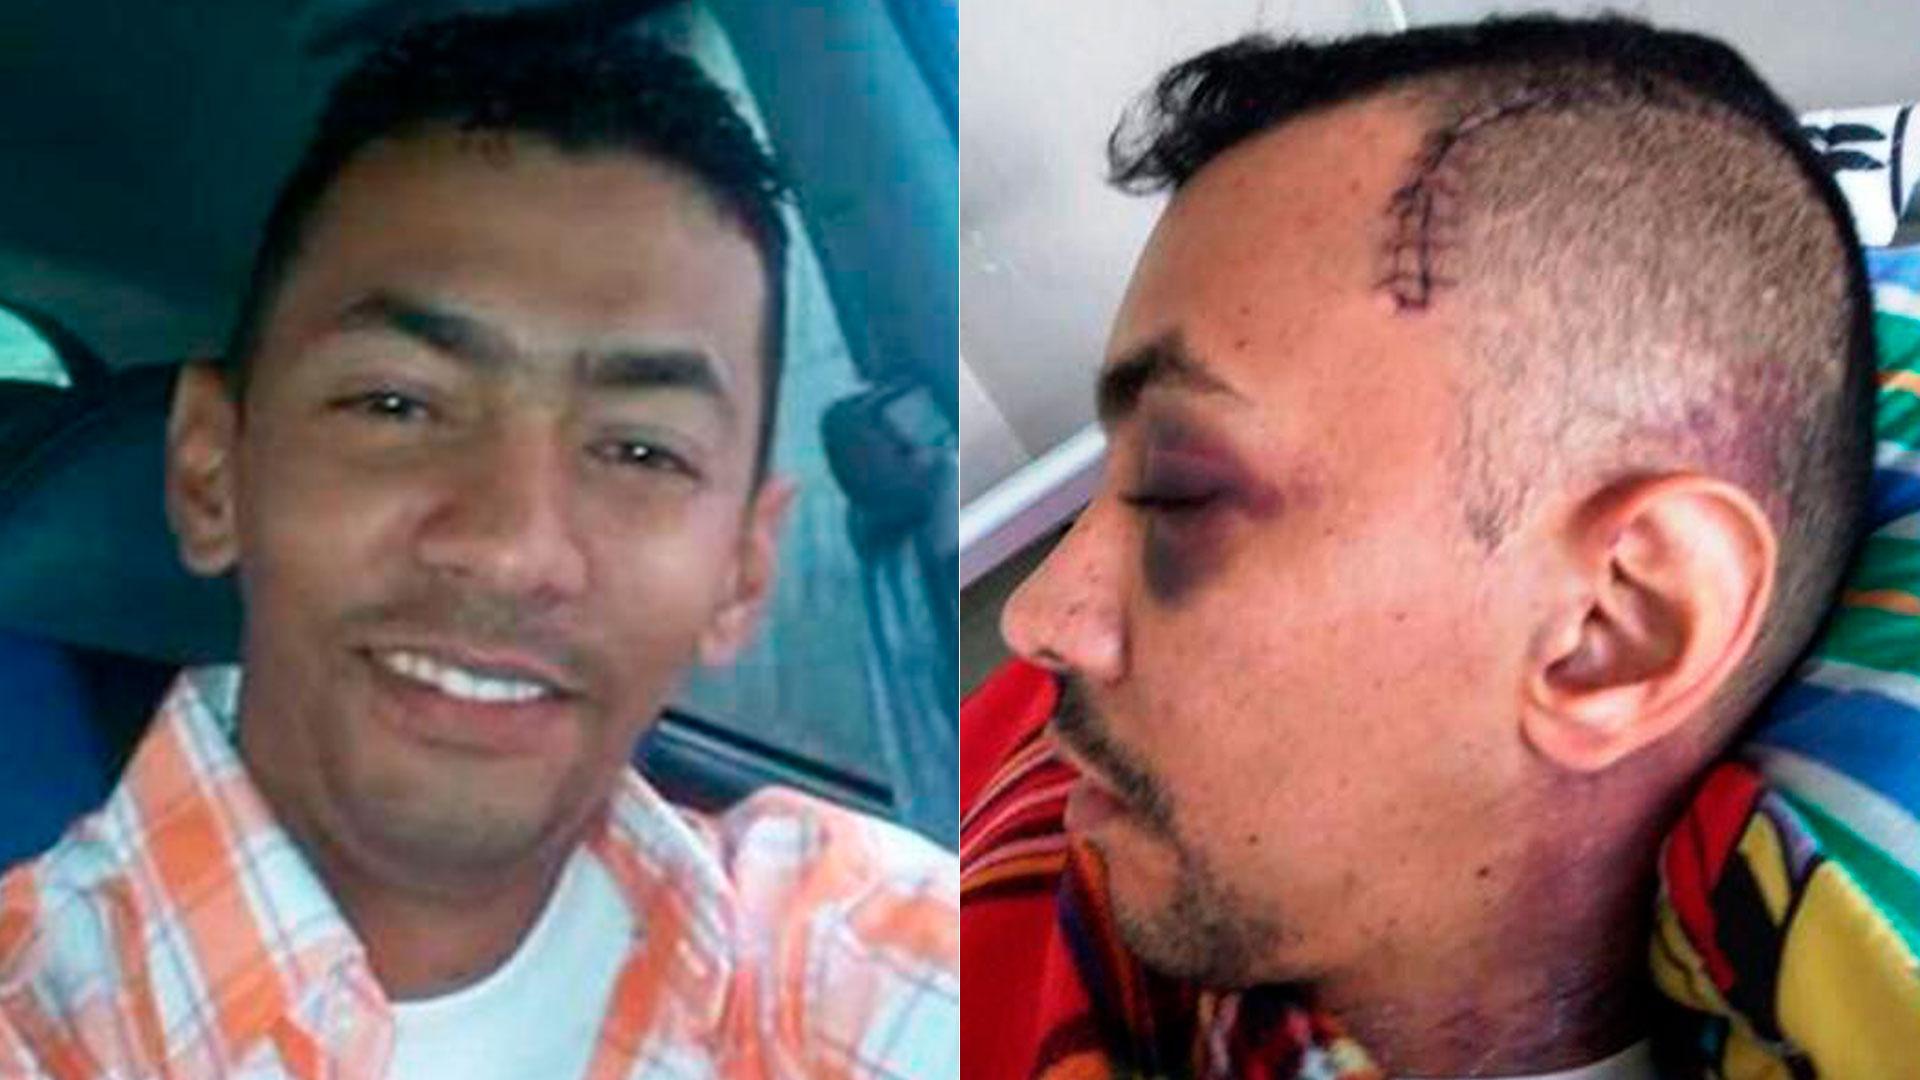 El chavismo niegan la asistencia médica a dos oficiales detenidos y torturados por rebelión